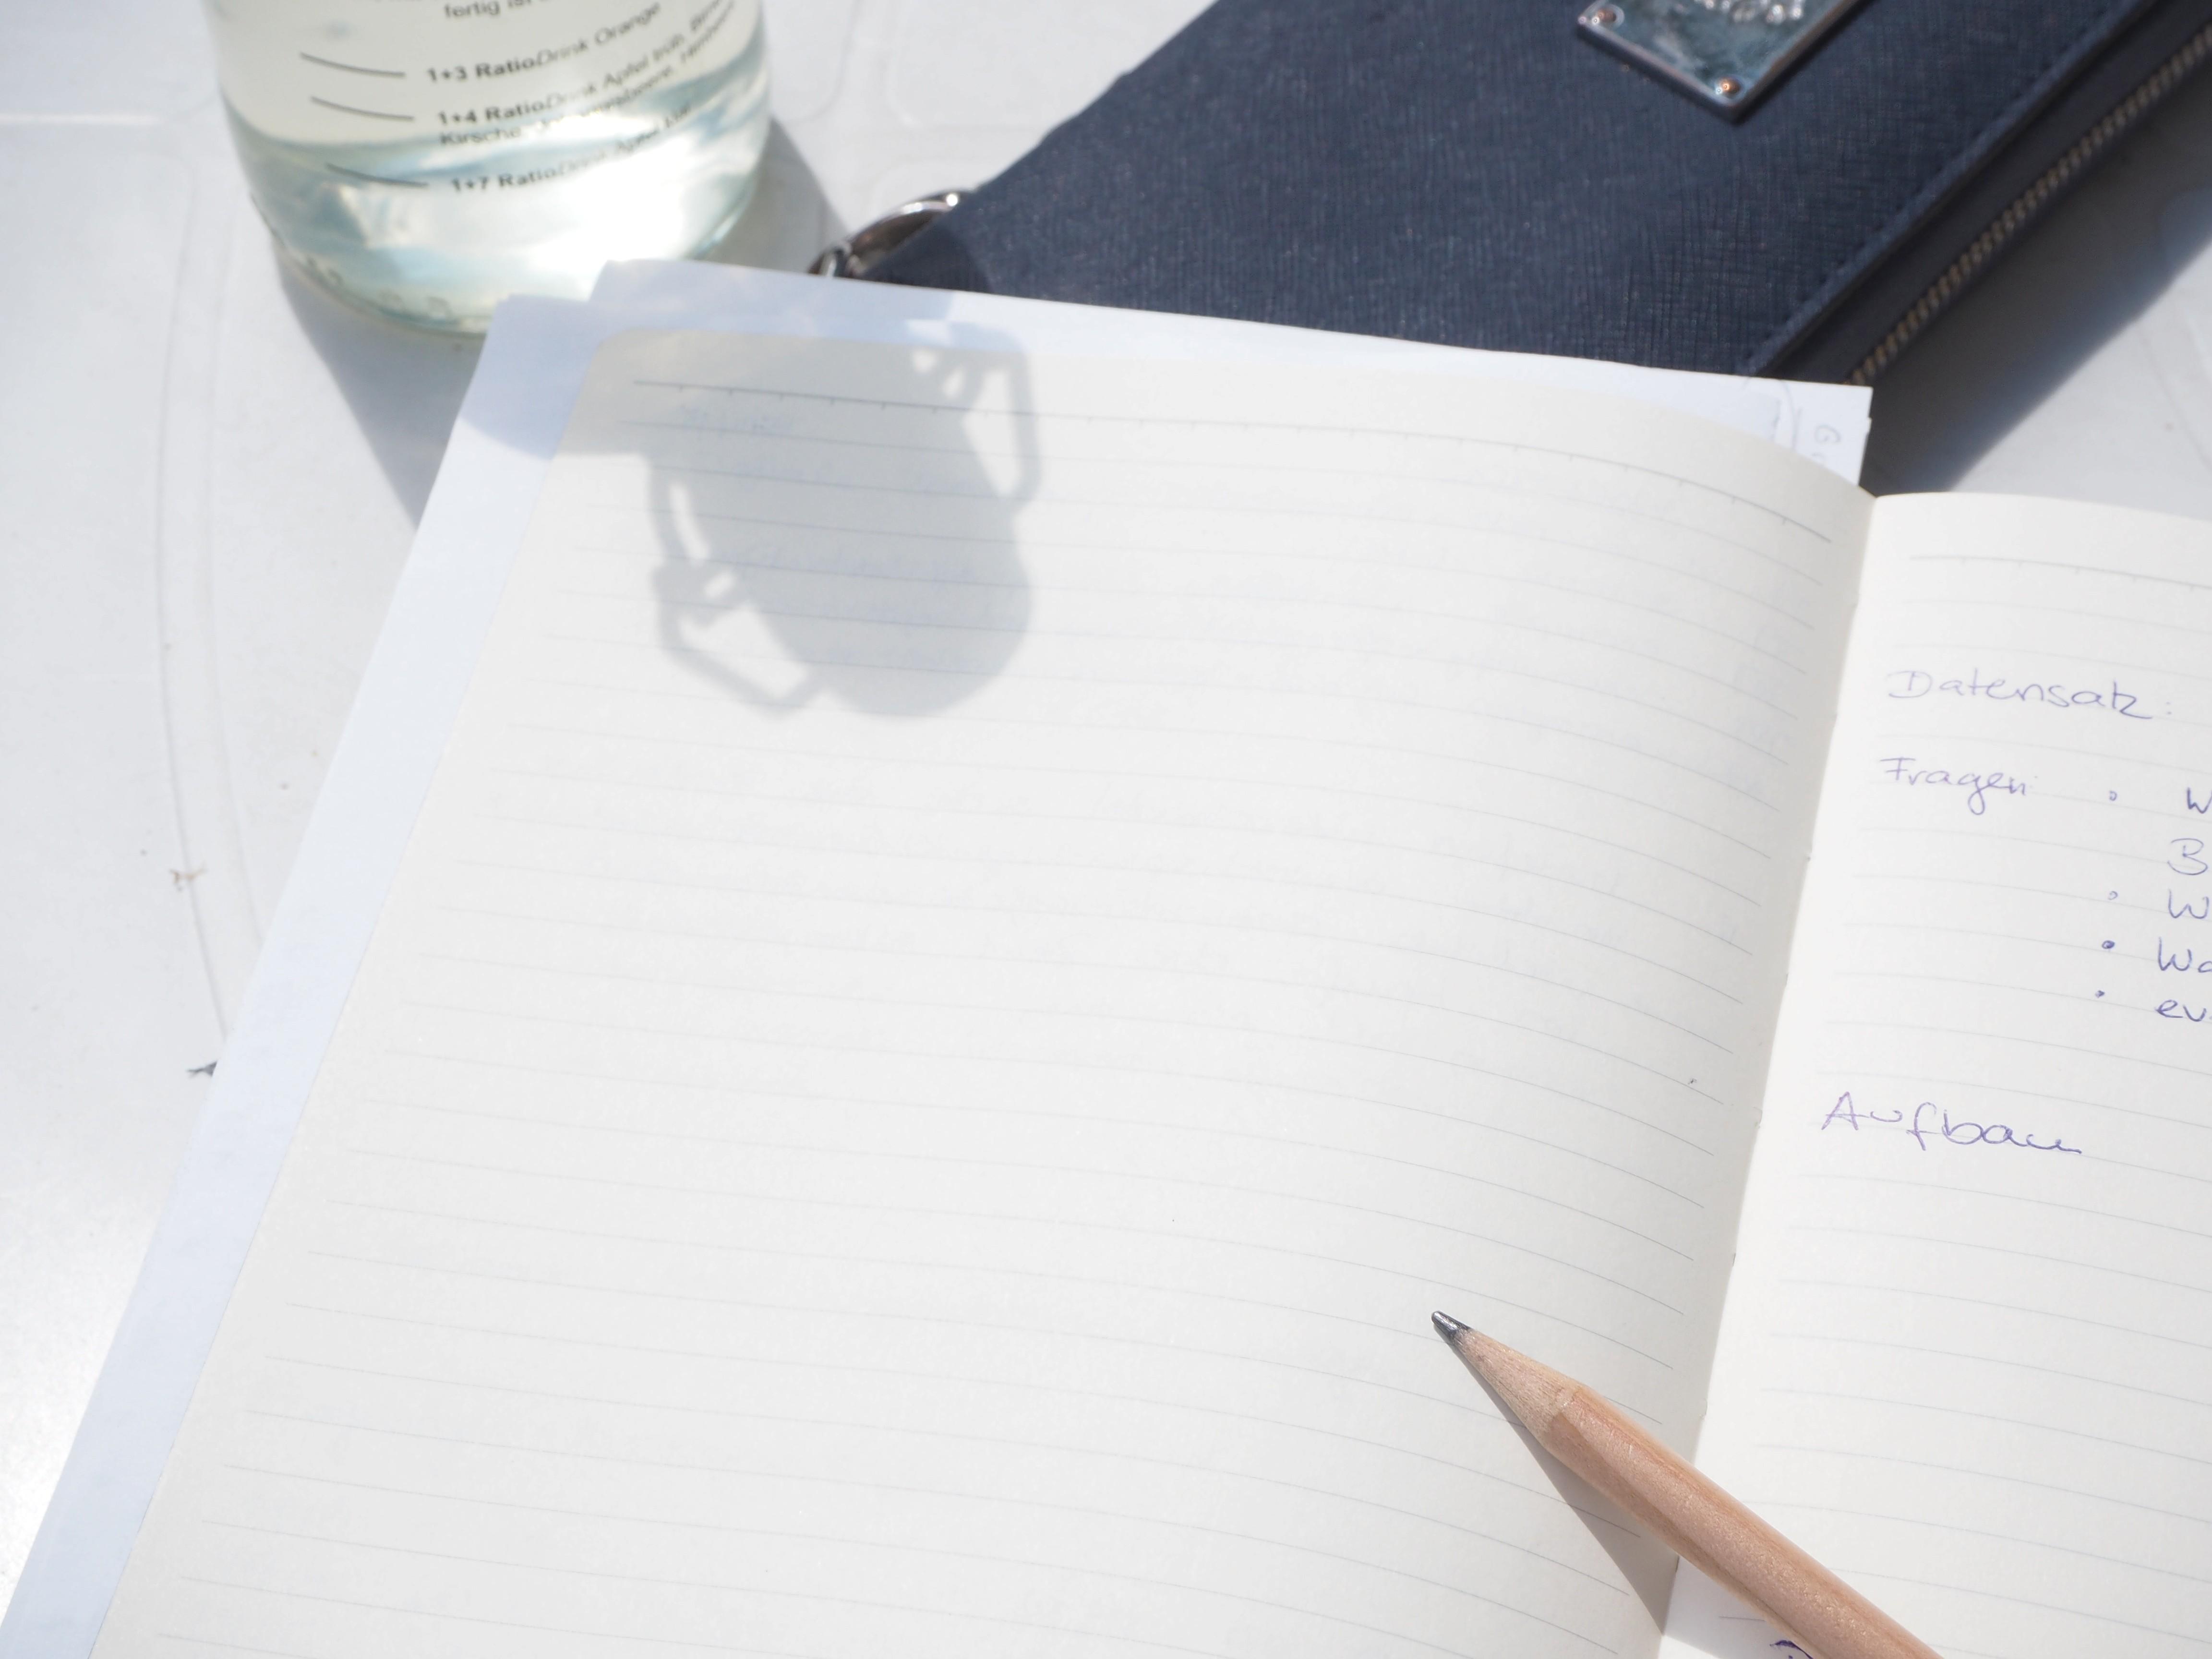 Für die Kreativität brauche ich trotz Laptop ein Notizbuch und einen Bleistift.